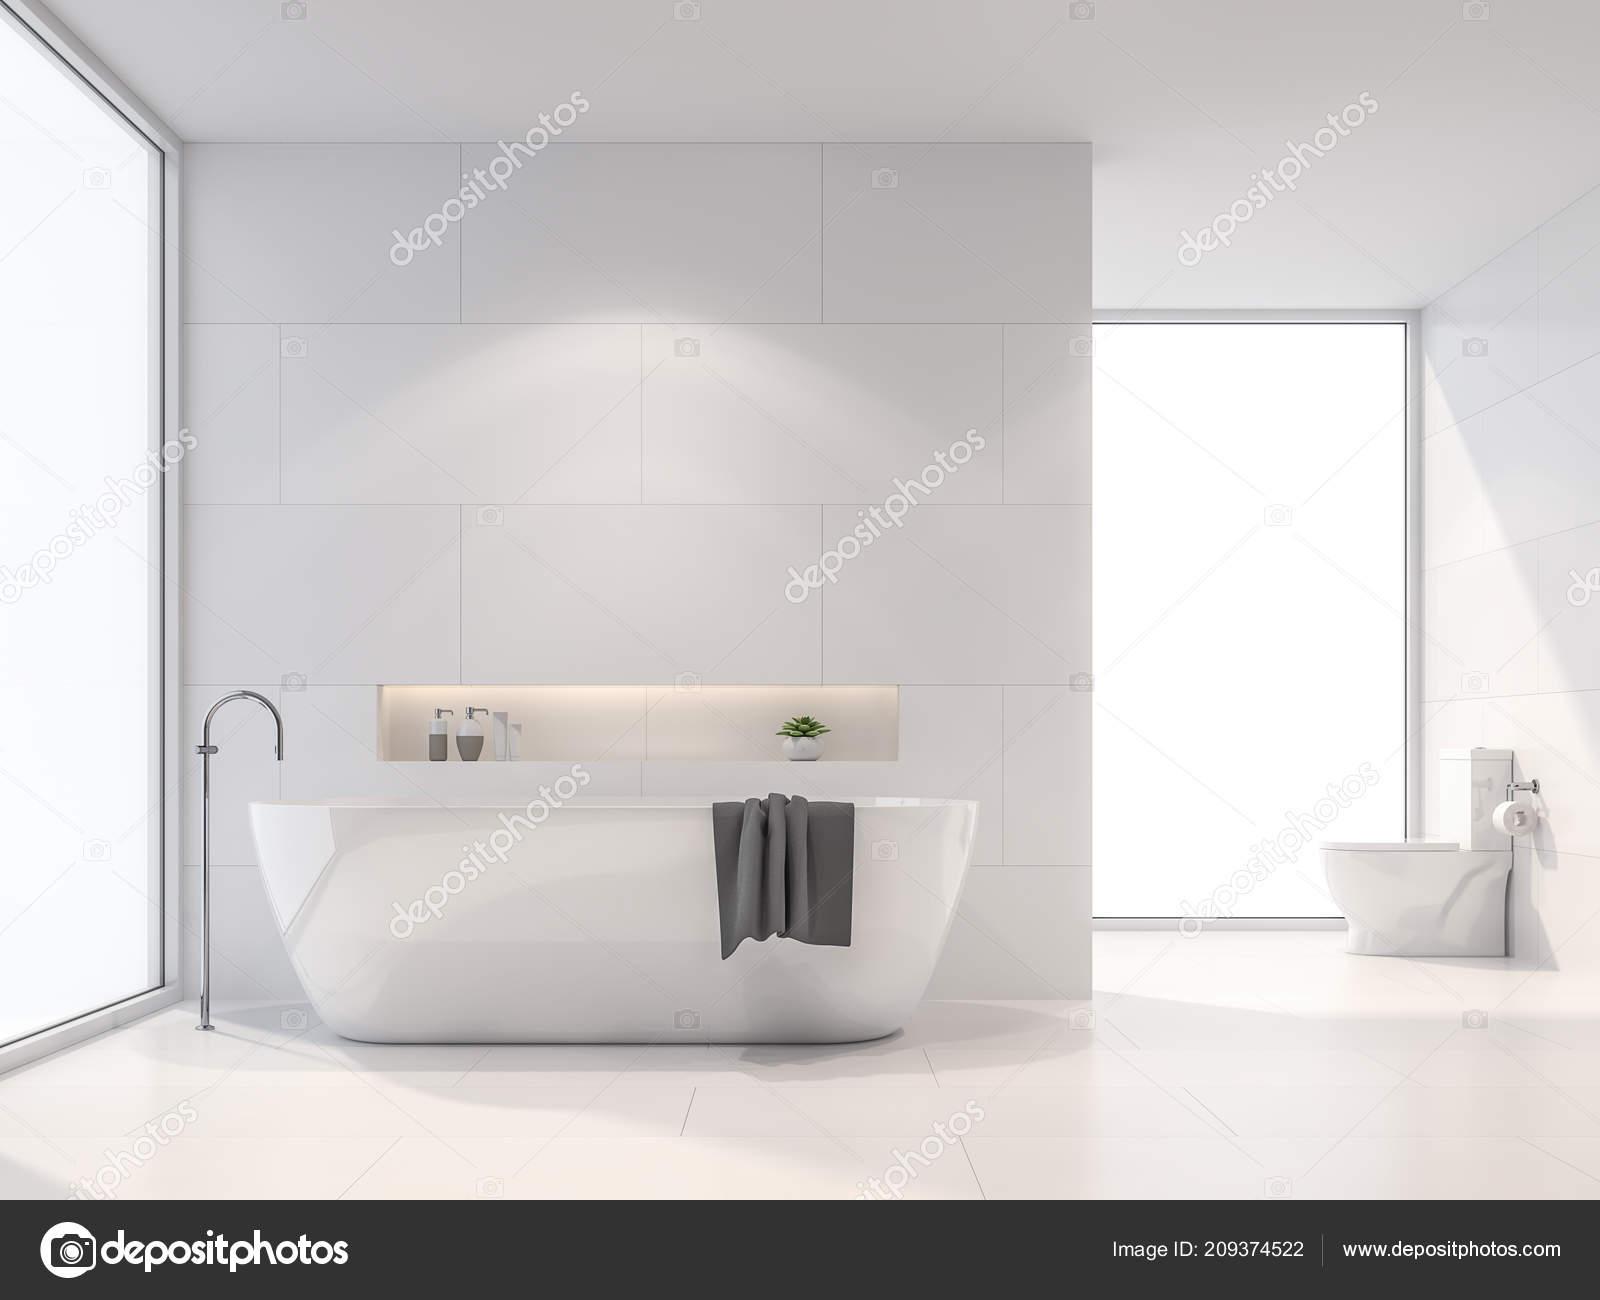 Moderne Witte Badkamer : Moderne witte badkamer render zijn witte tegel wand vloer kamer